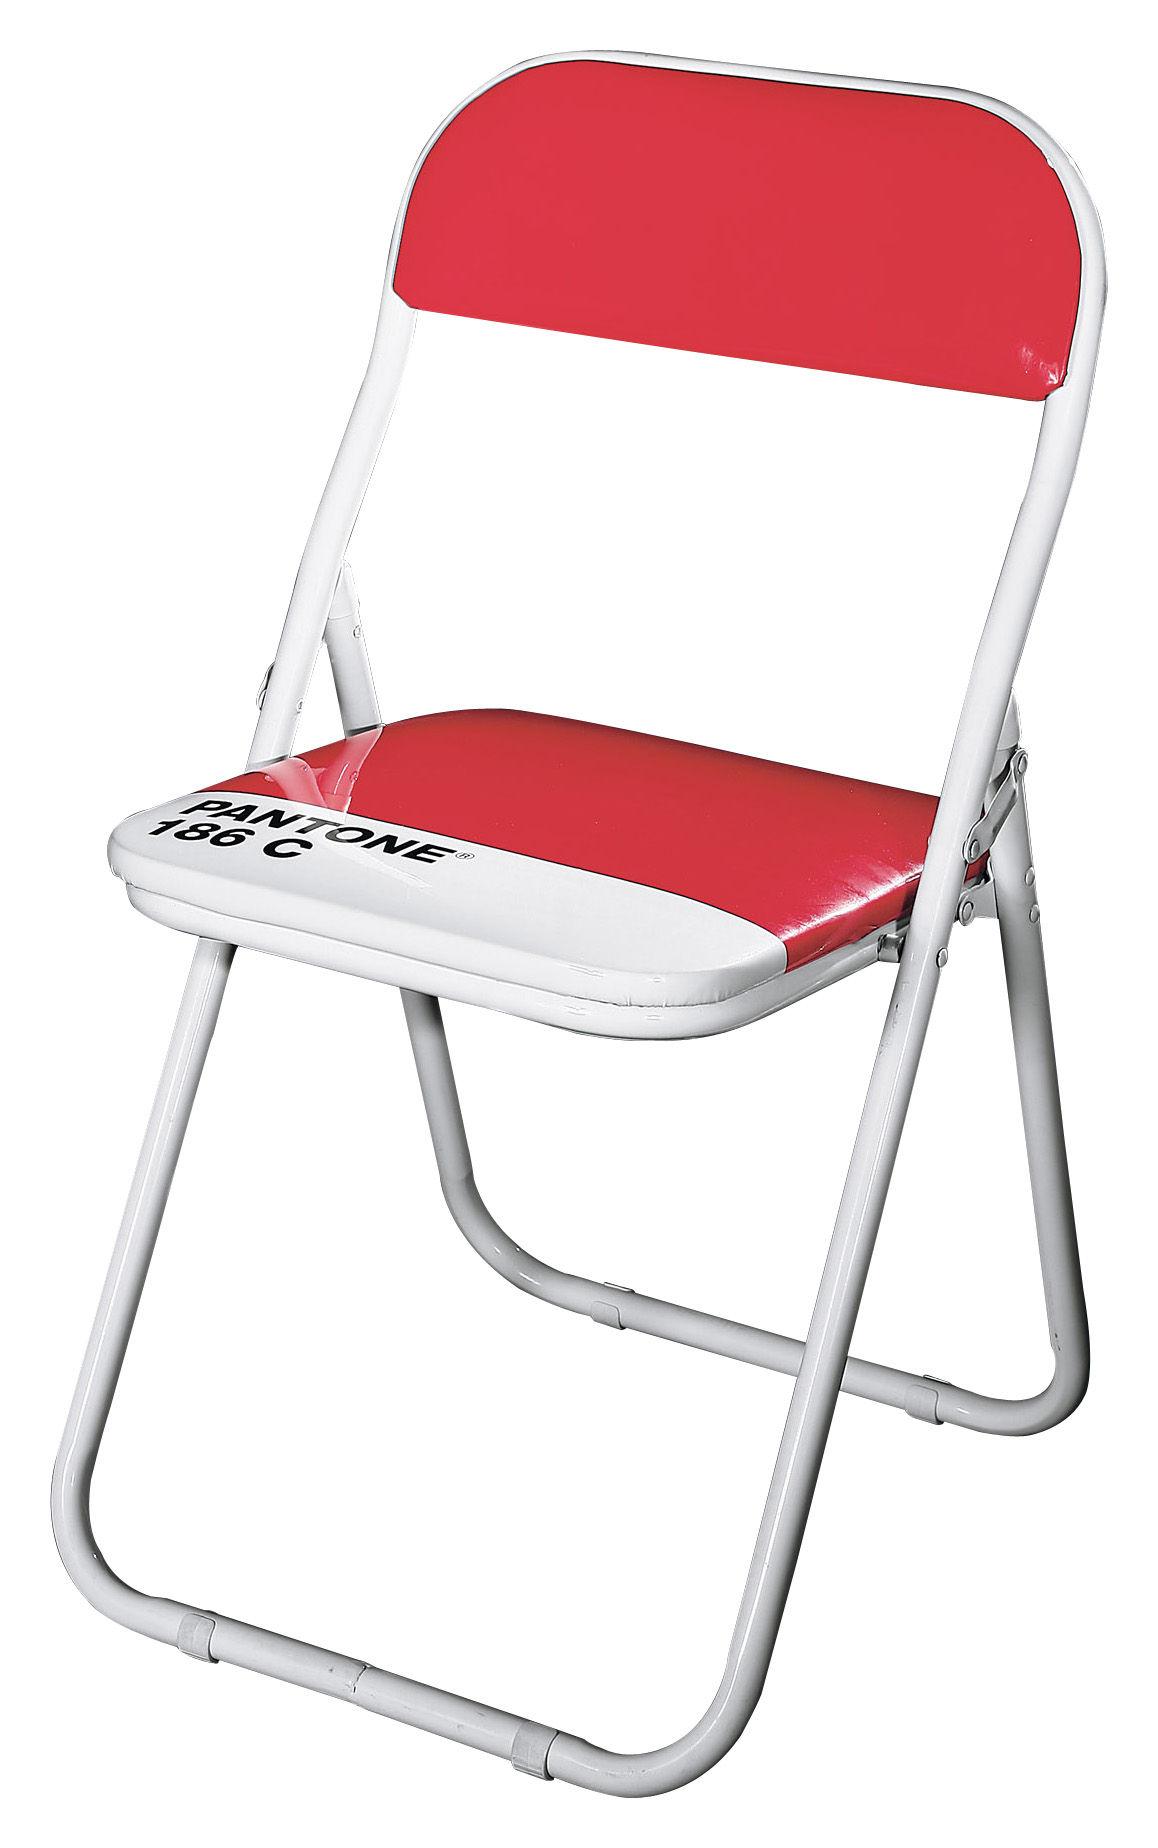 Chaise pliante pantone plastique structure m tal 186c Chaise pliante aluminium